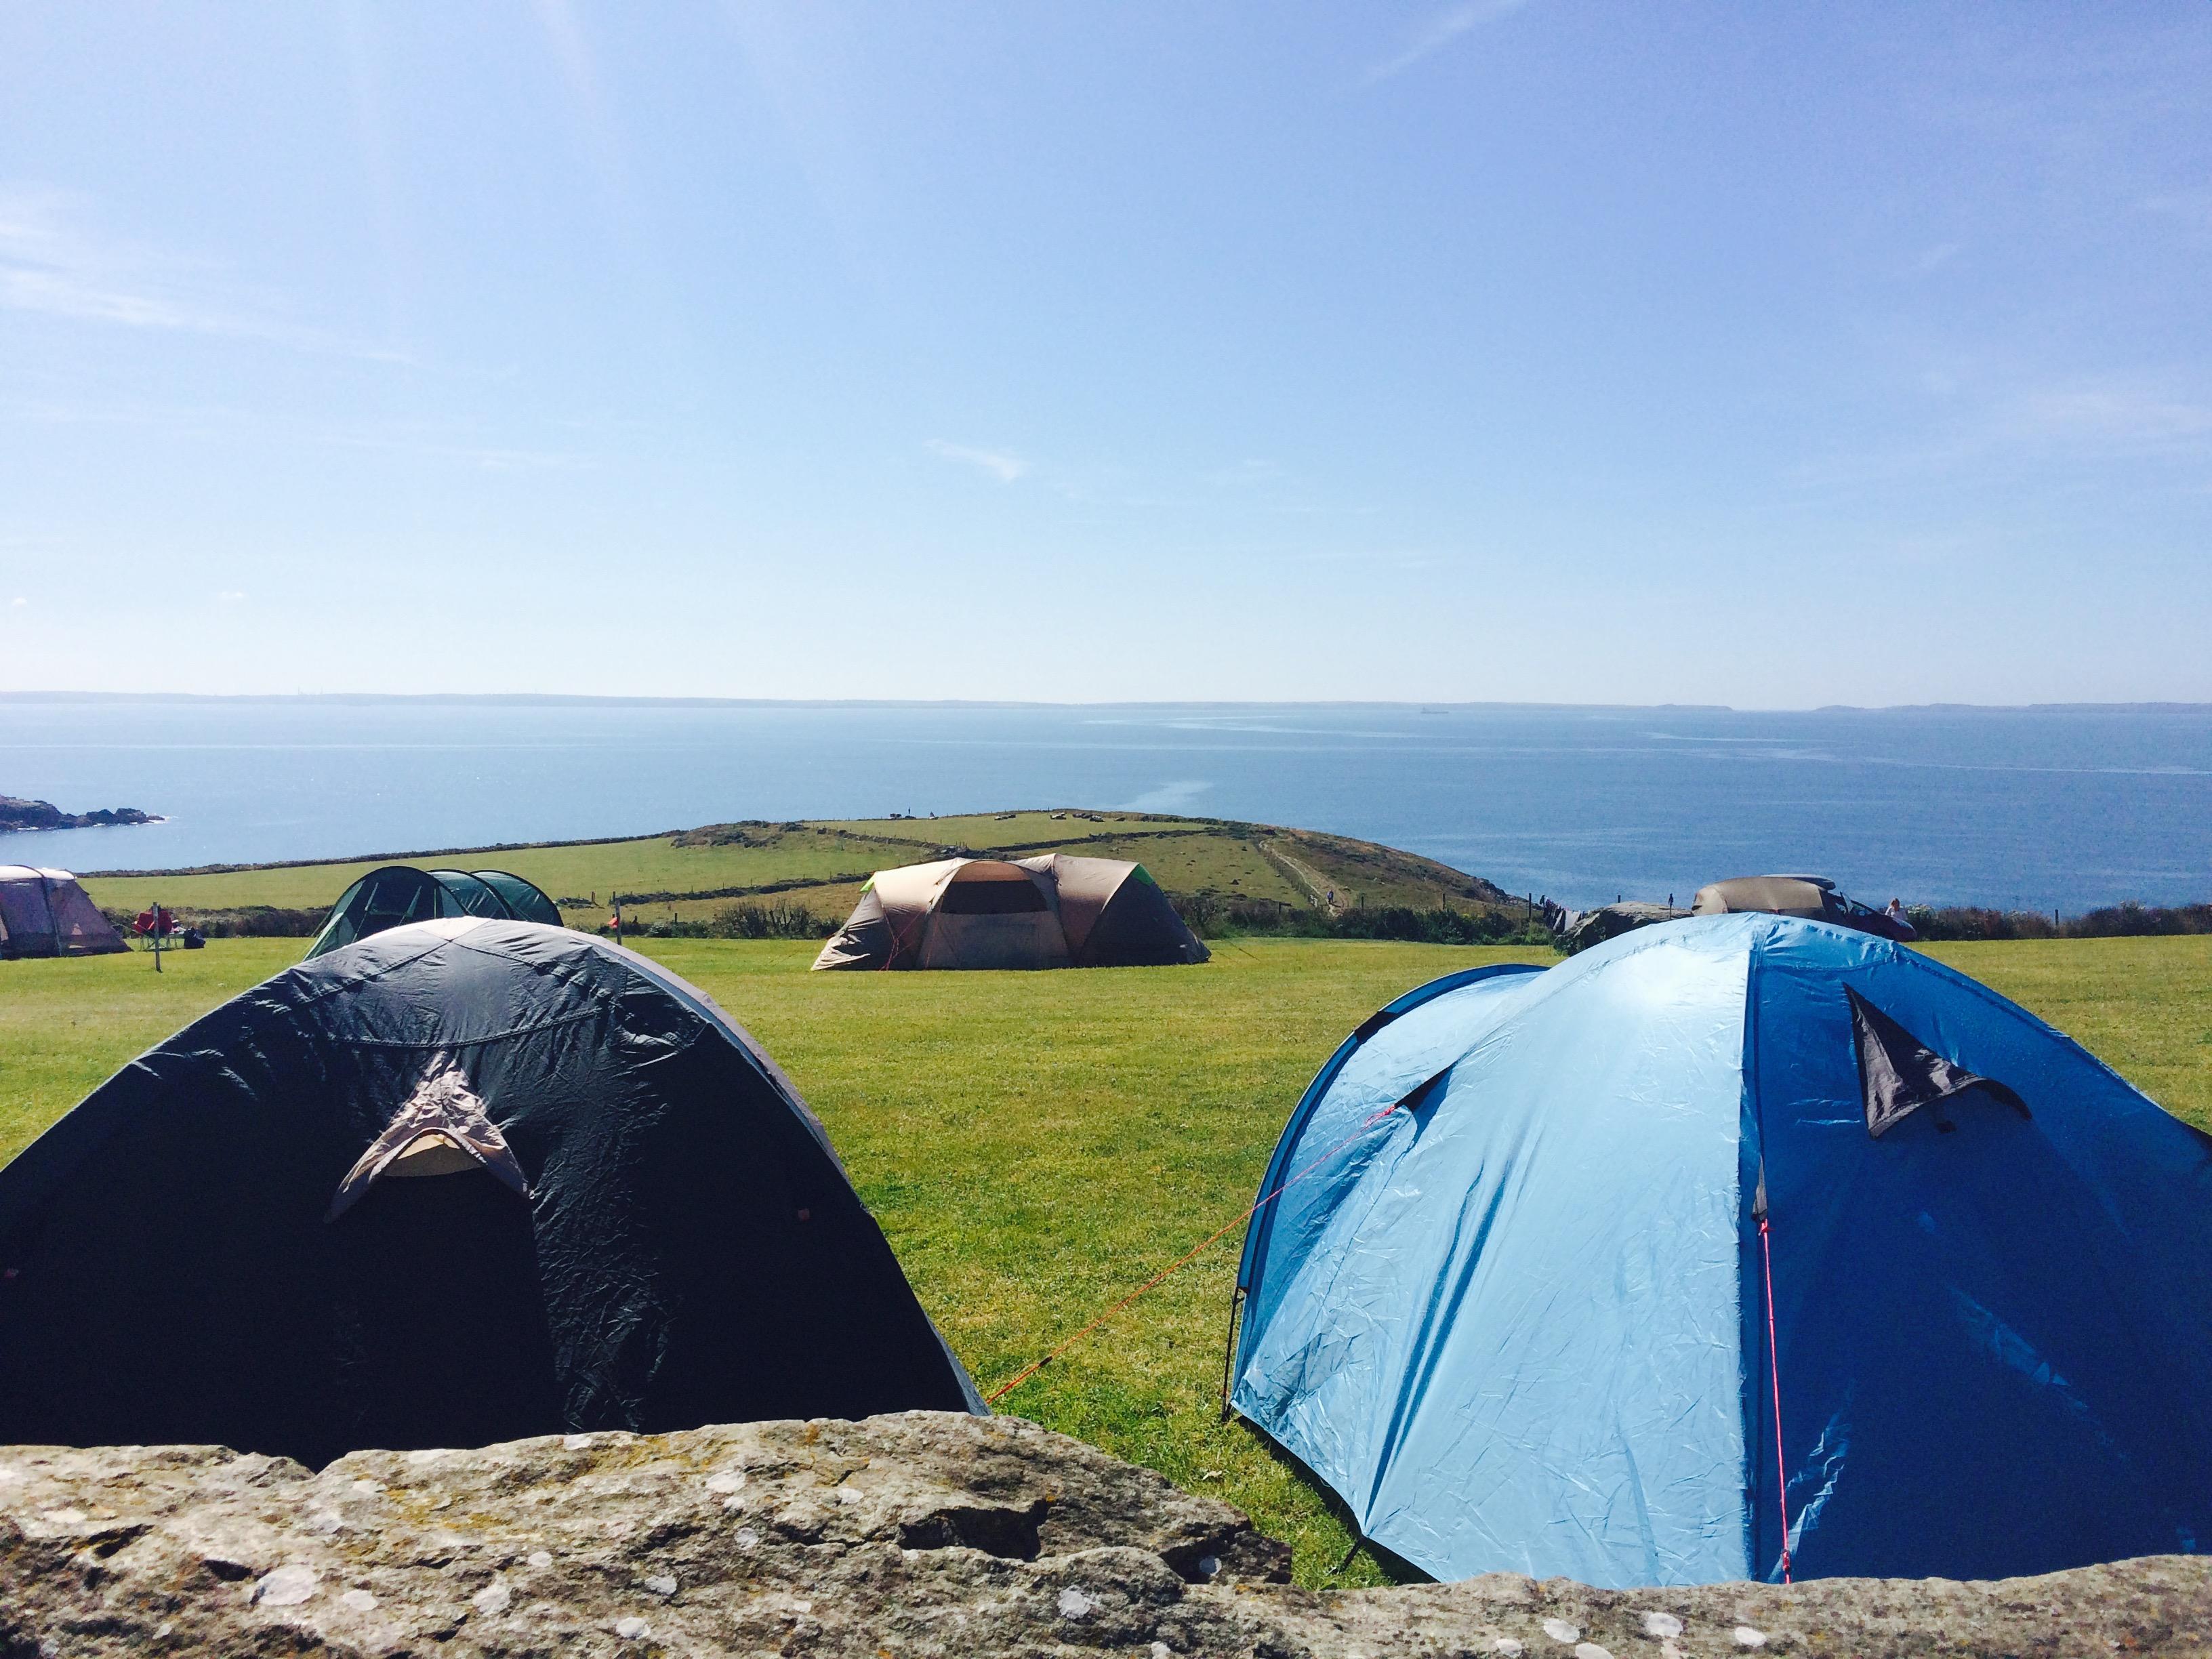 KR8, camping fields